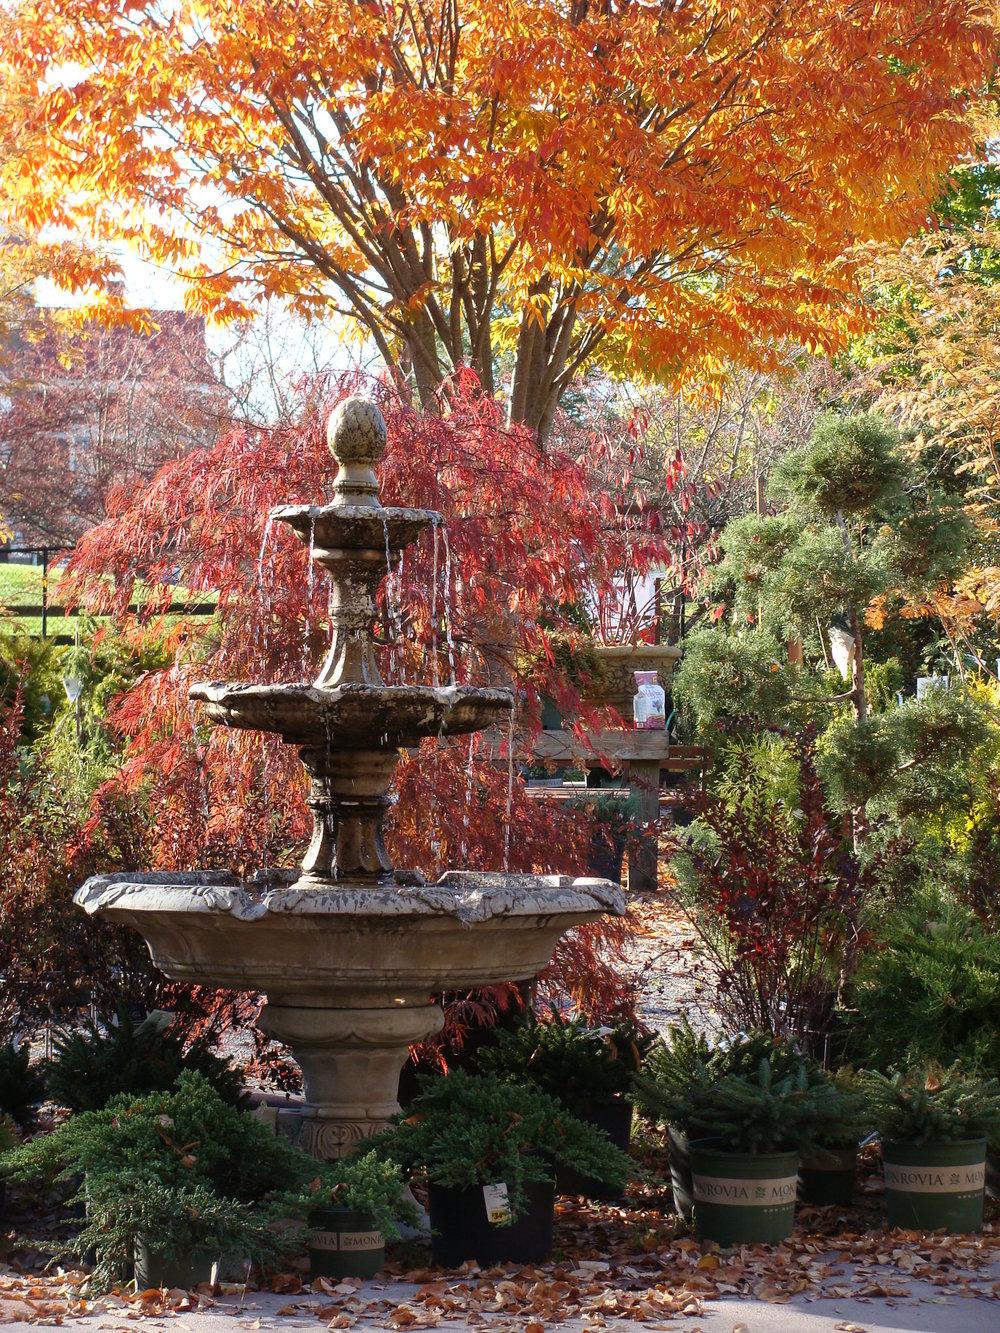 Fountain in Fall 10-2014.jpg